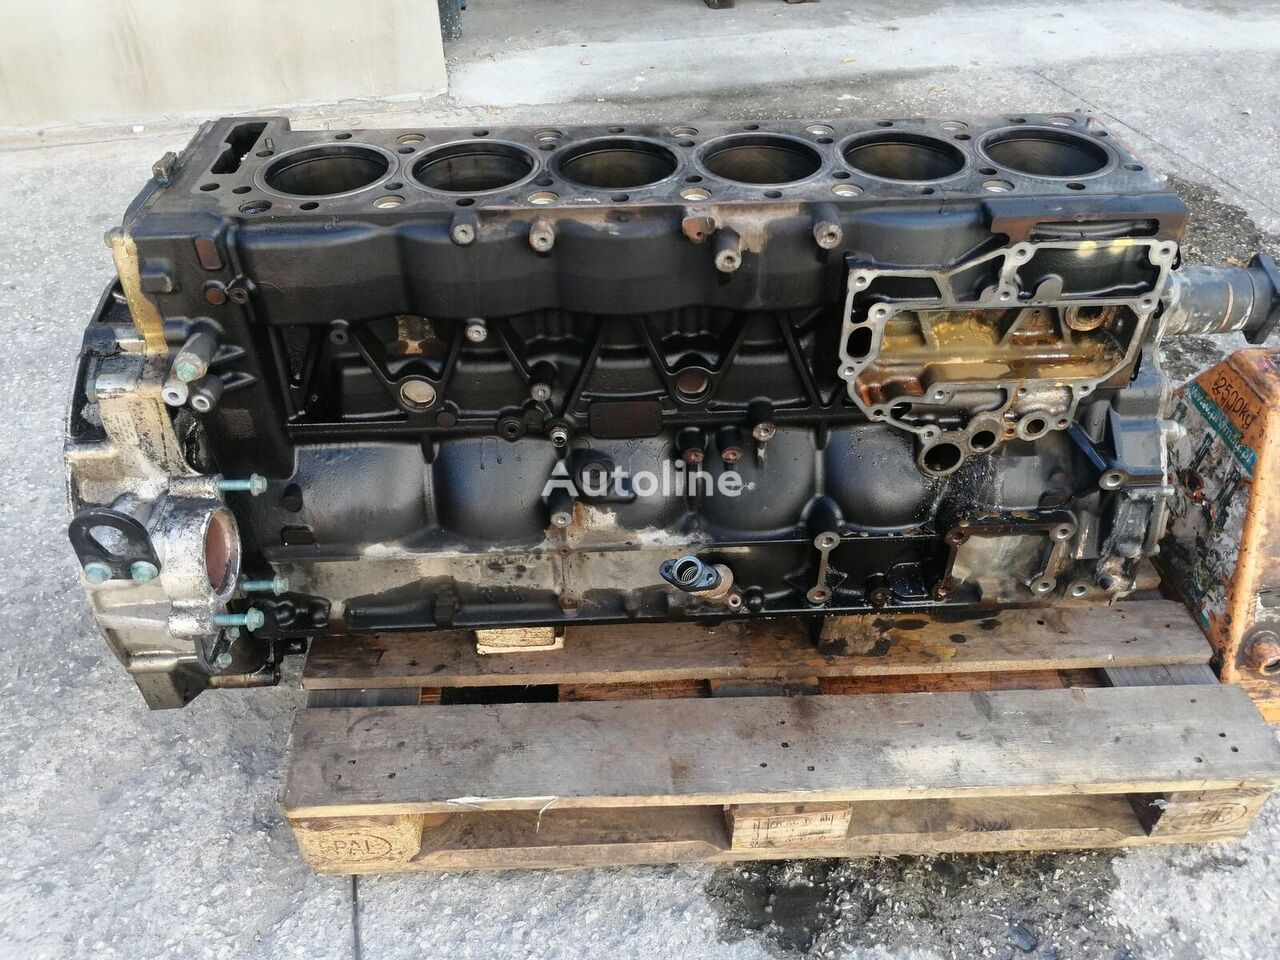 блок цилиндров MAN D2676LF52 Euro6 Nowy EURO 6 D2676 LF 52 Euro 6 для грузовика MAN TGX